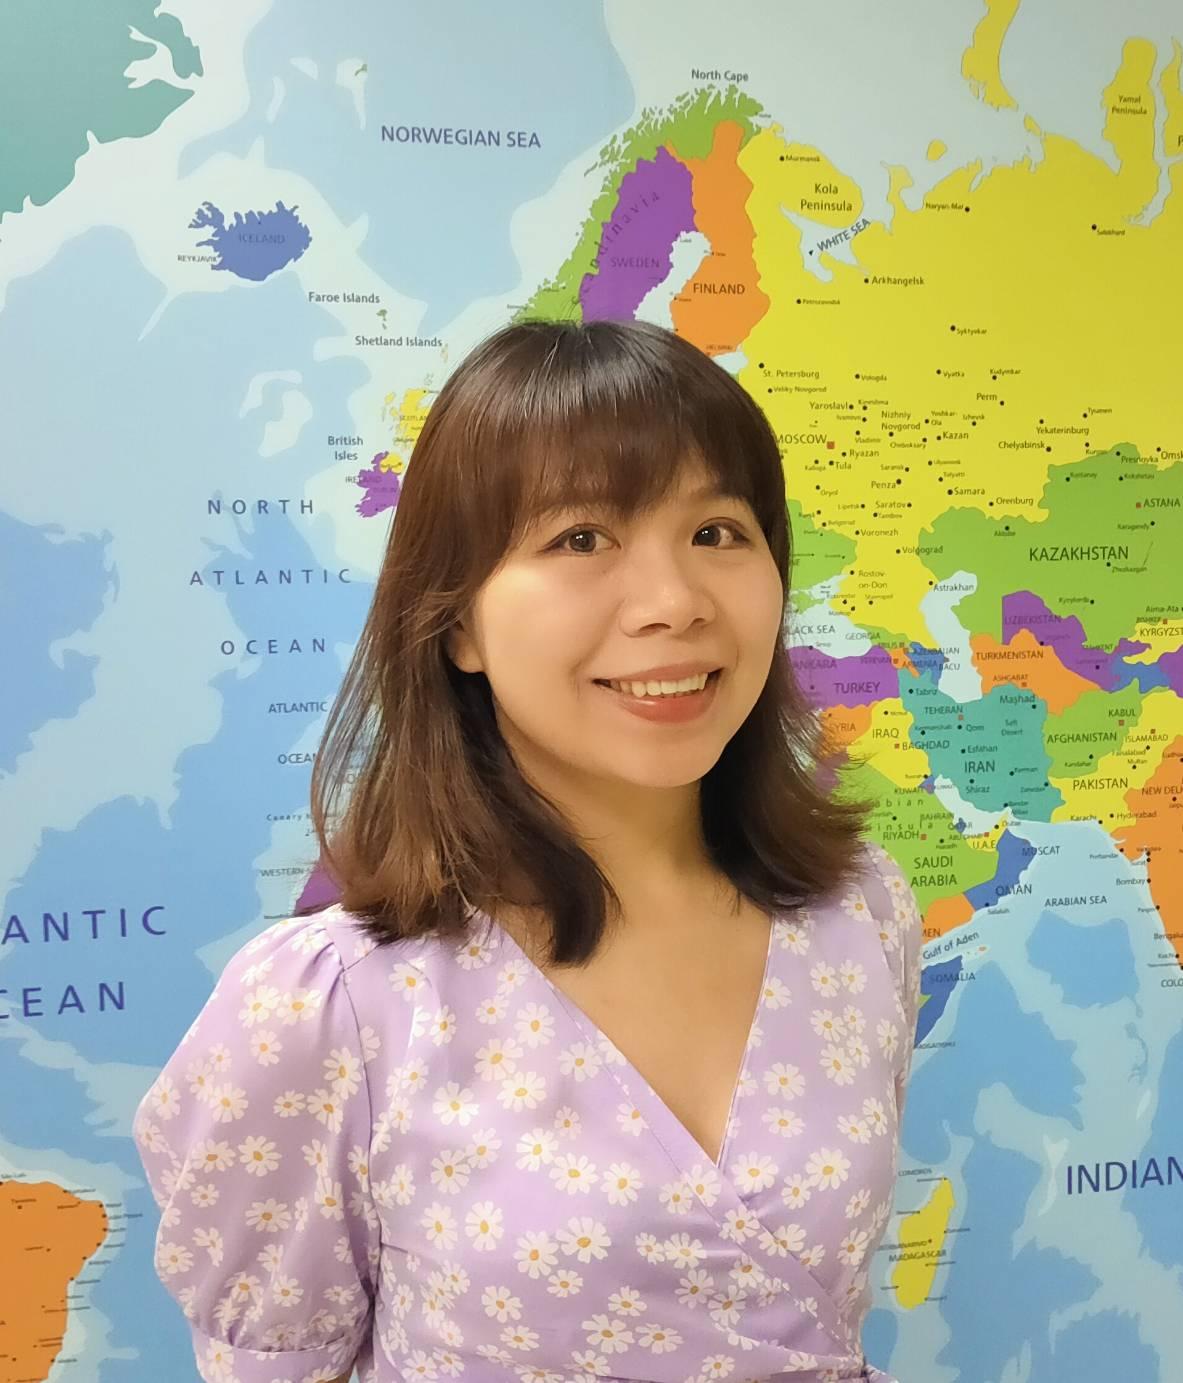 彭紫妍 小姐